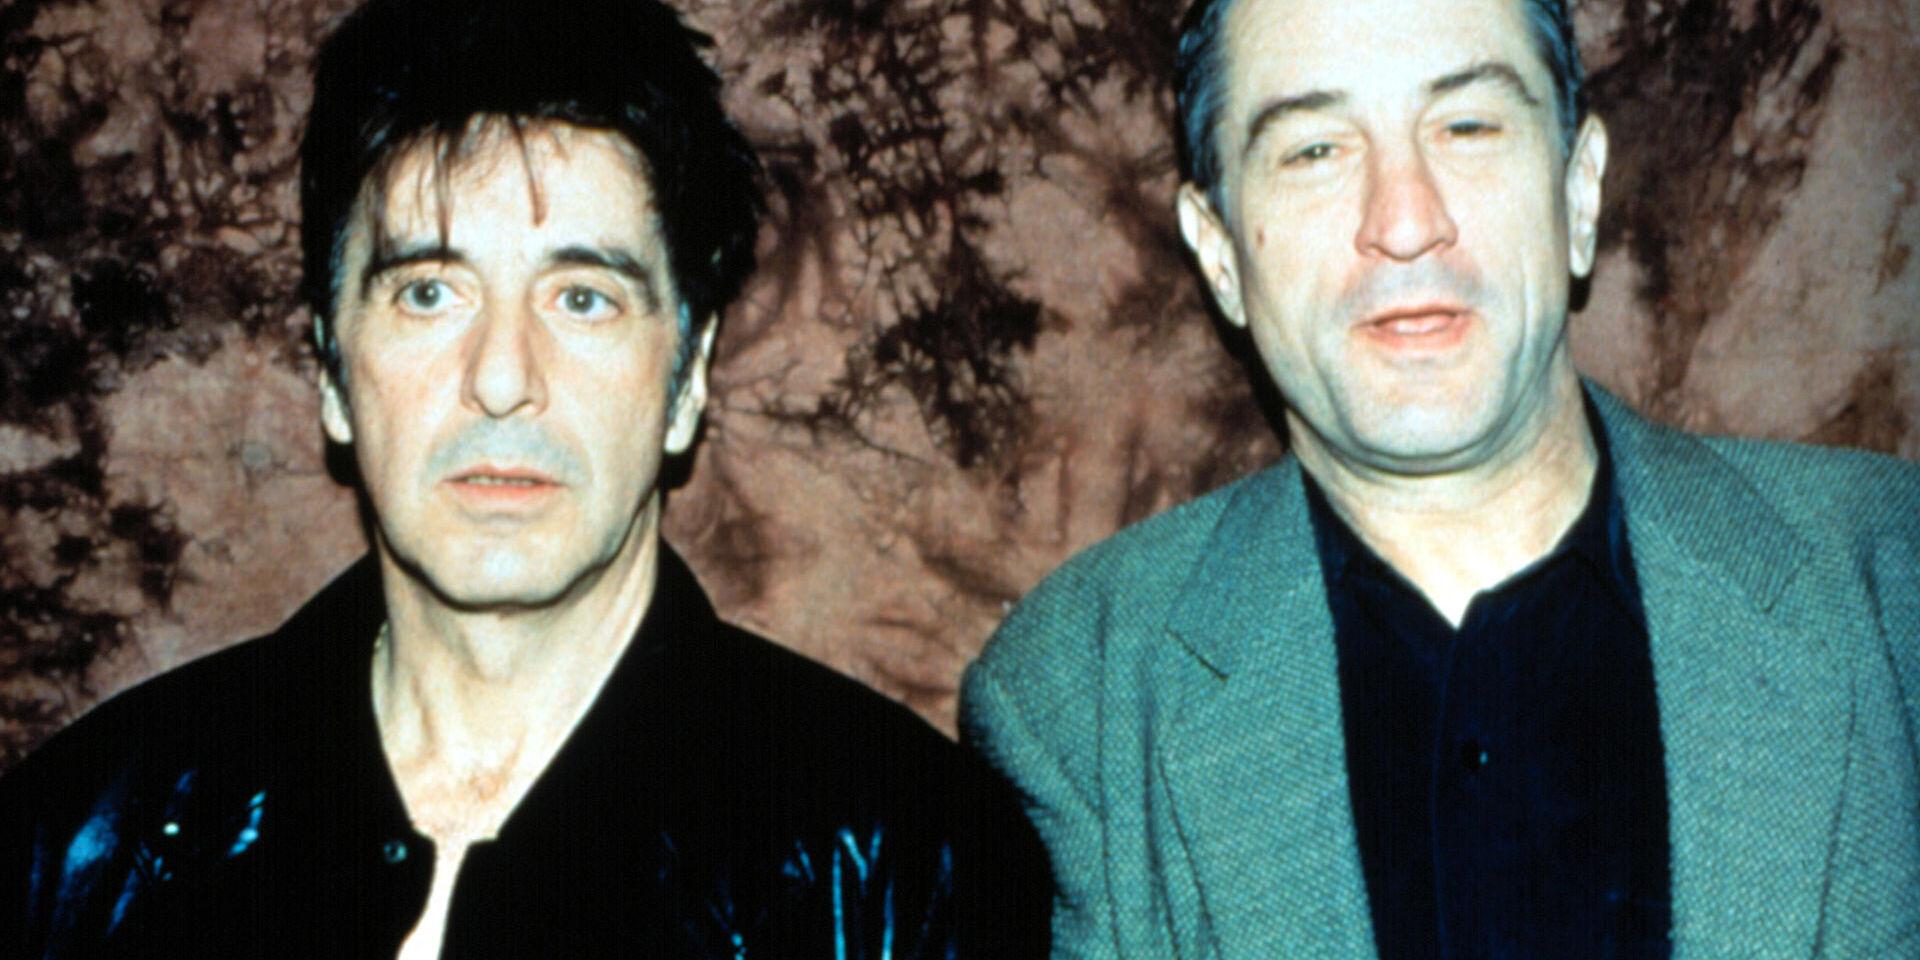 Al Pacino Y Robert De Niro Dos Buenos Amigos Que Se Ven Muy Poco Libertad Digital Cultura